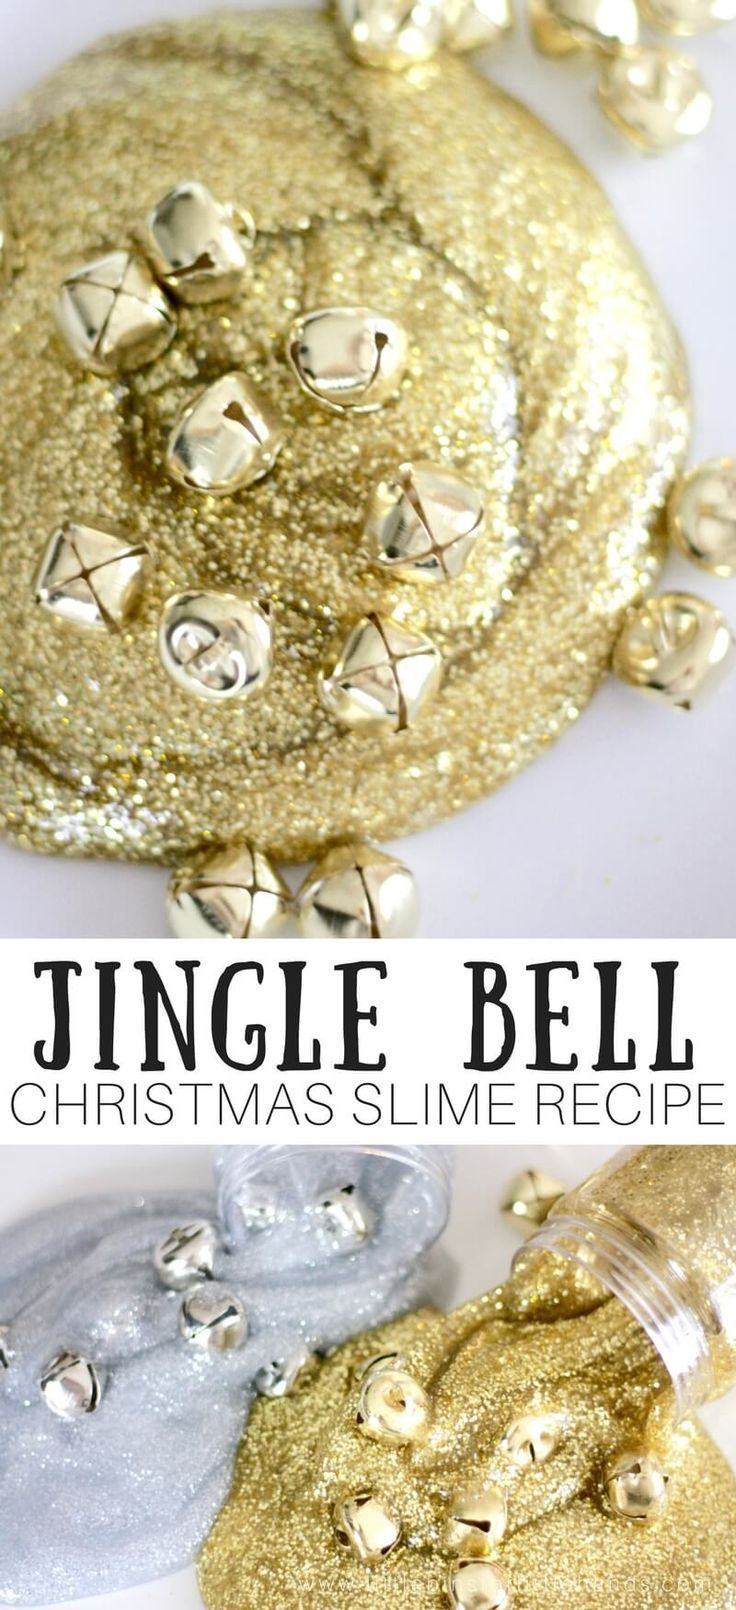 Festive Homemade Jingle Bell Christmas Slime Recipe for Kids